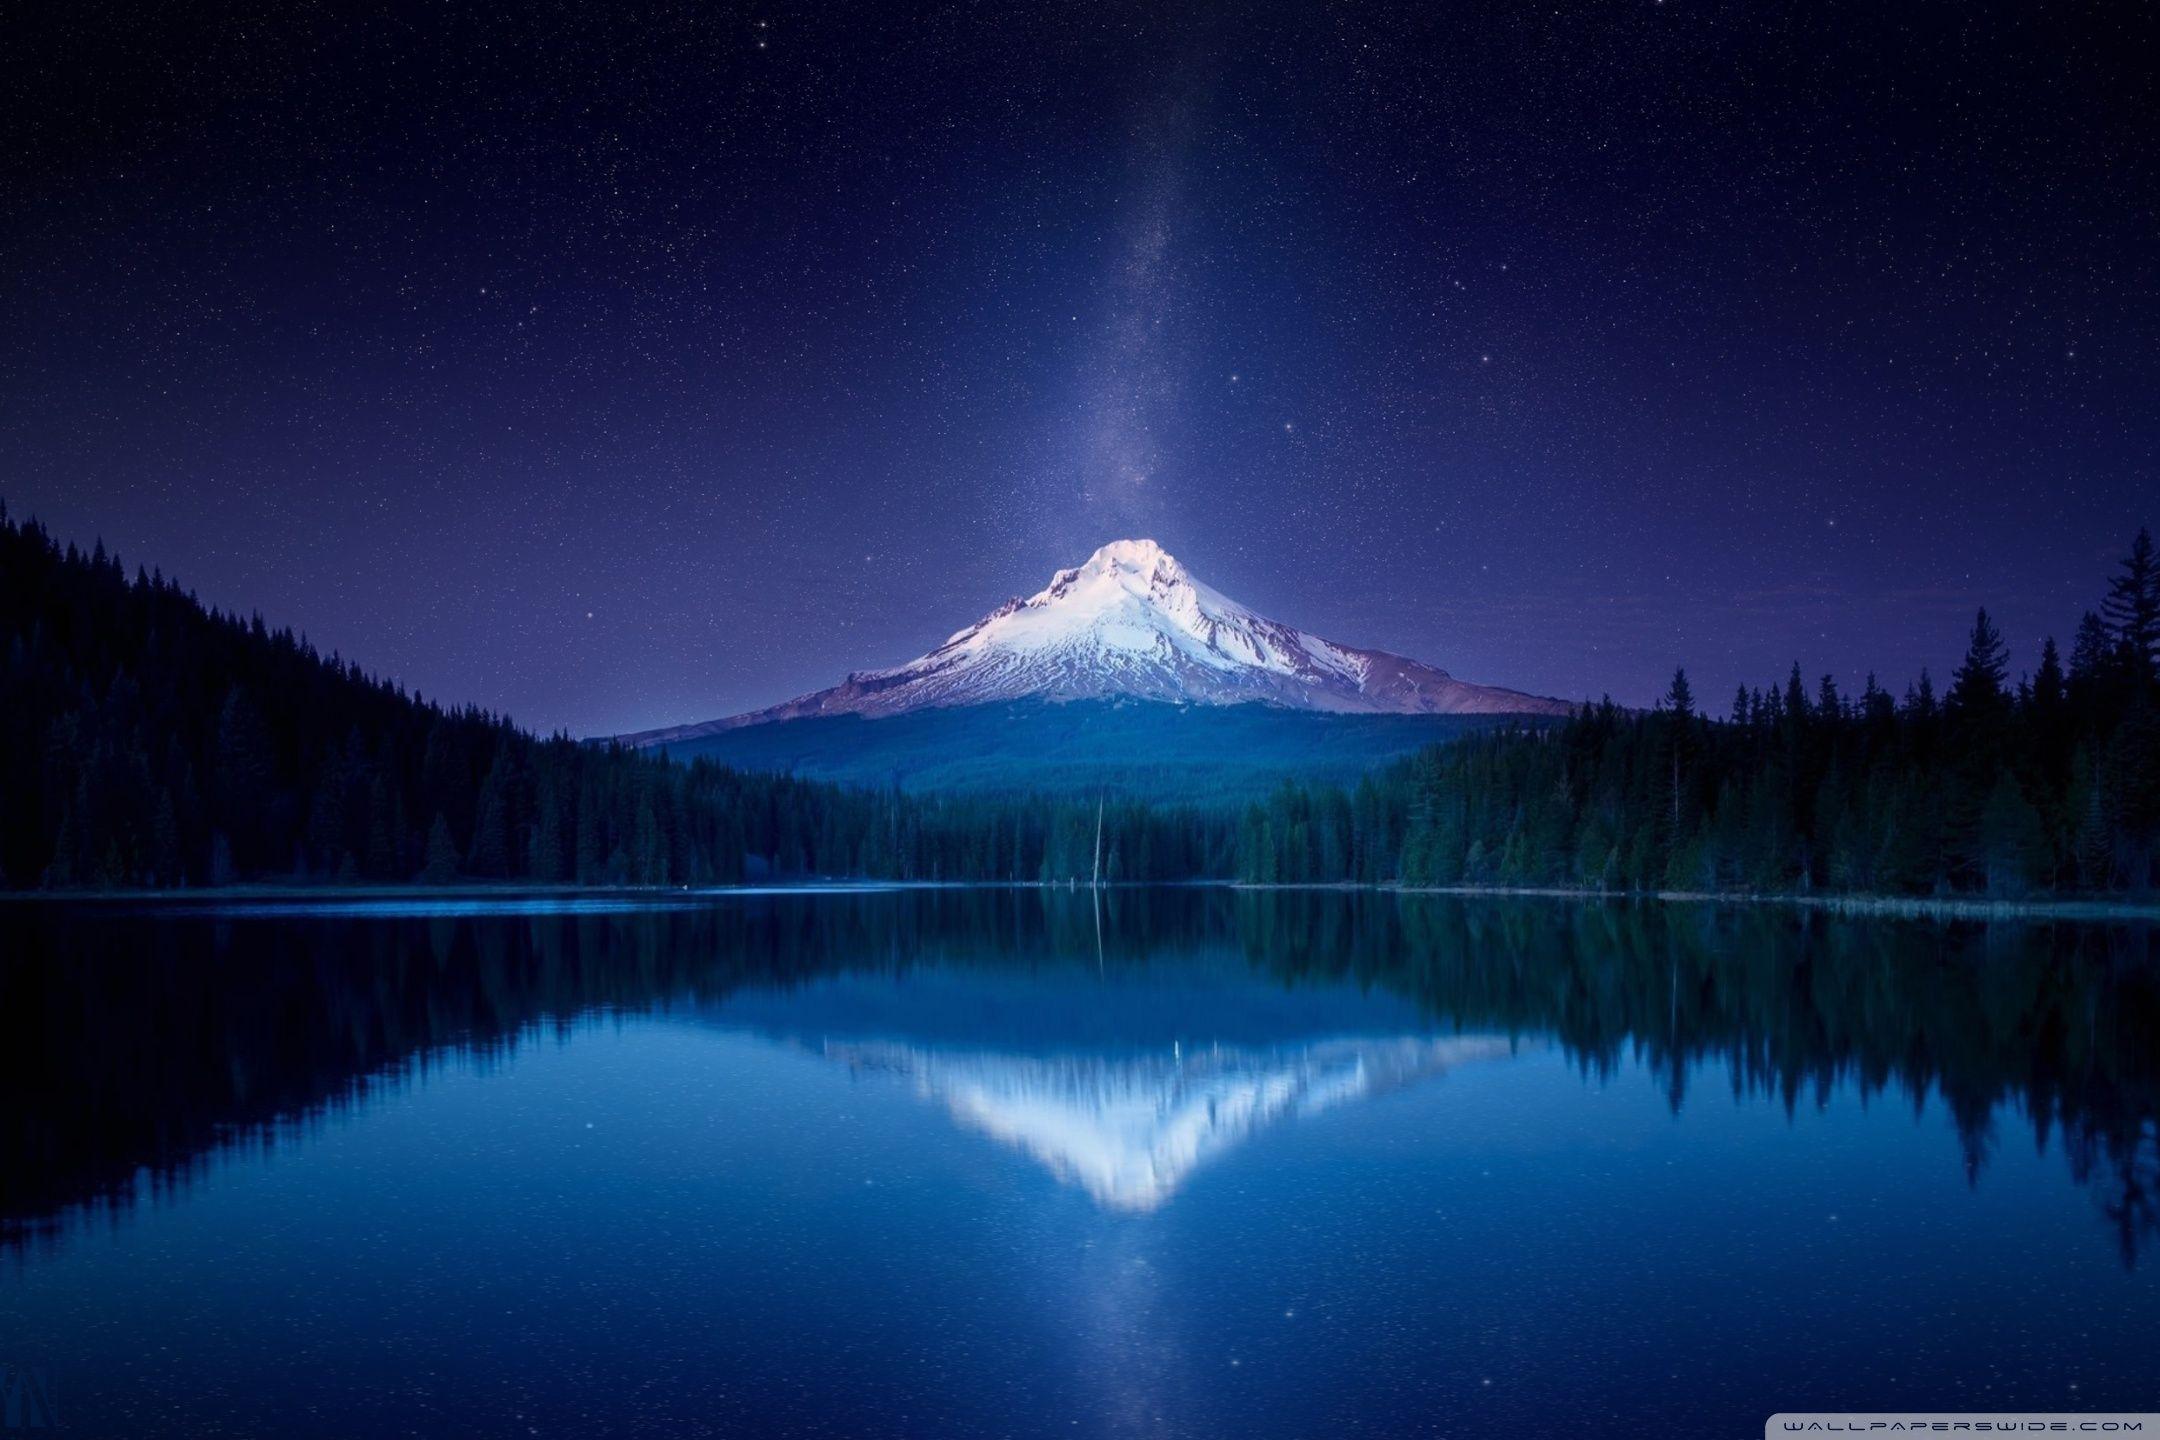 Amazing Mountain Wallpaper At Night Hd Desktop Wallpaper High Nature Wallpaper Mountain Wallpaper Trillium Lake